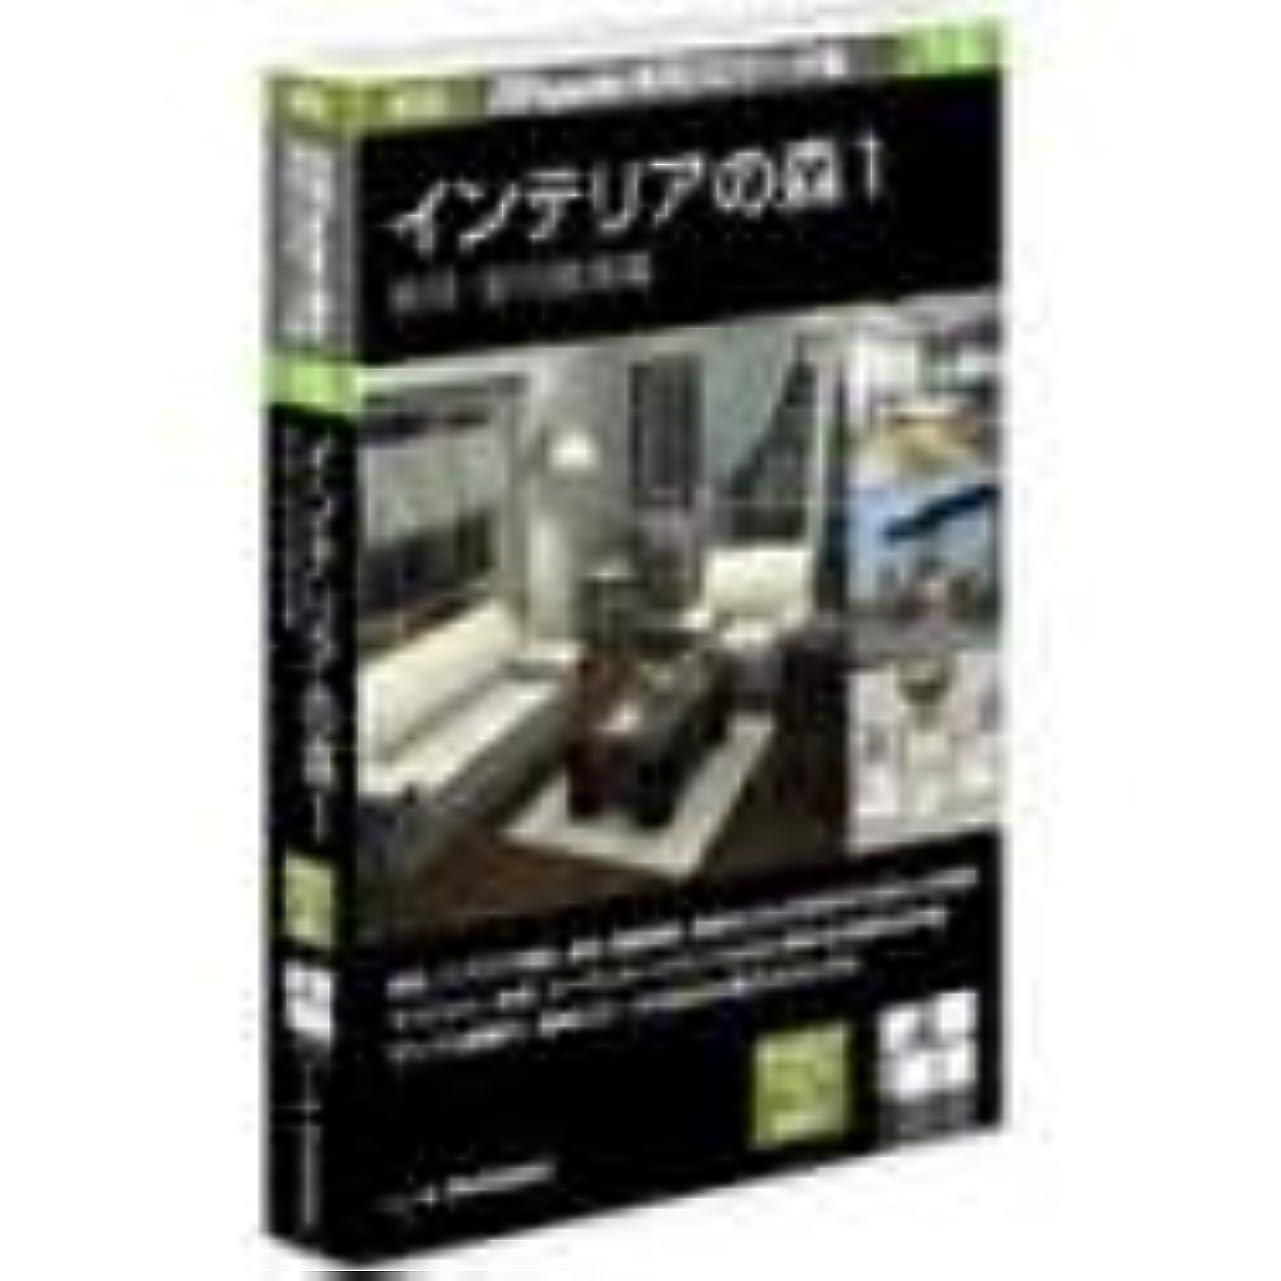 してはいけません名誉感度新版 Shade実用3Dデータ集 15 インテリアの森 1 家具、室内雑貨編